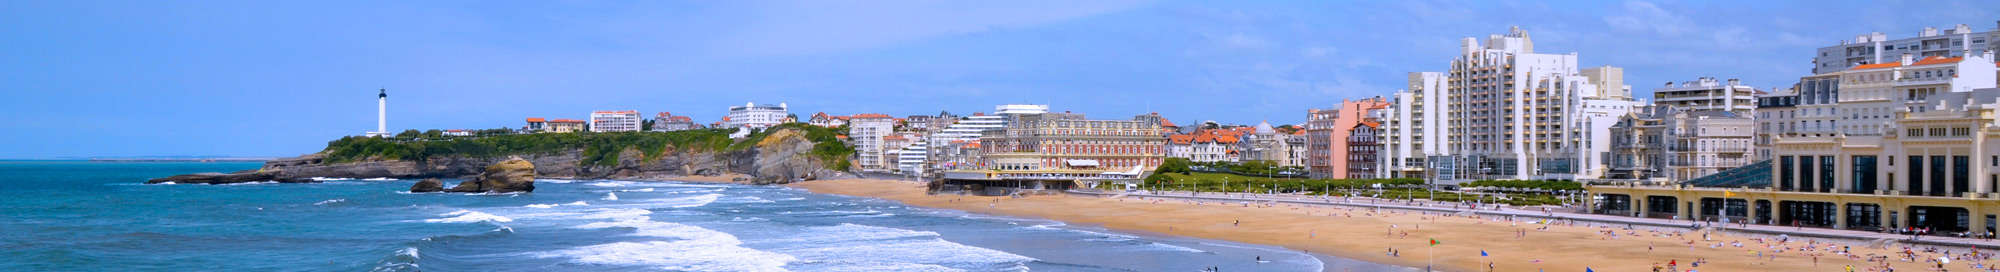 Week-end et séjour au Pays basque